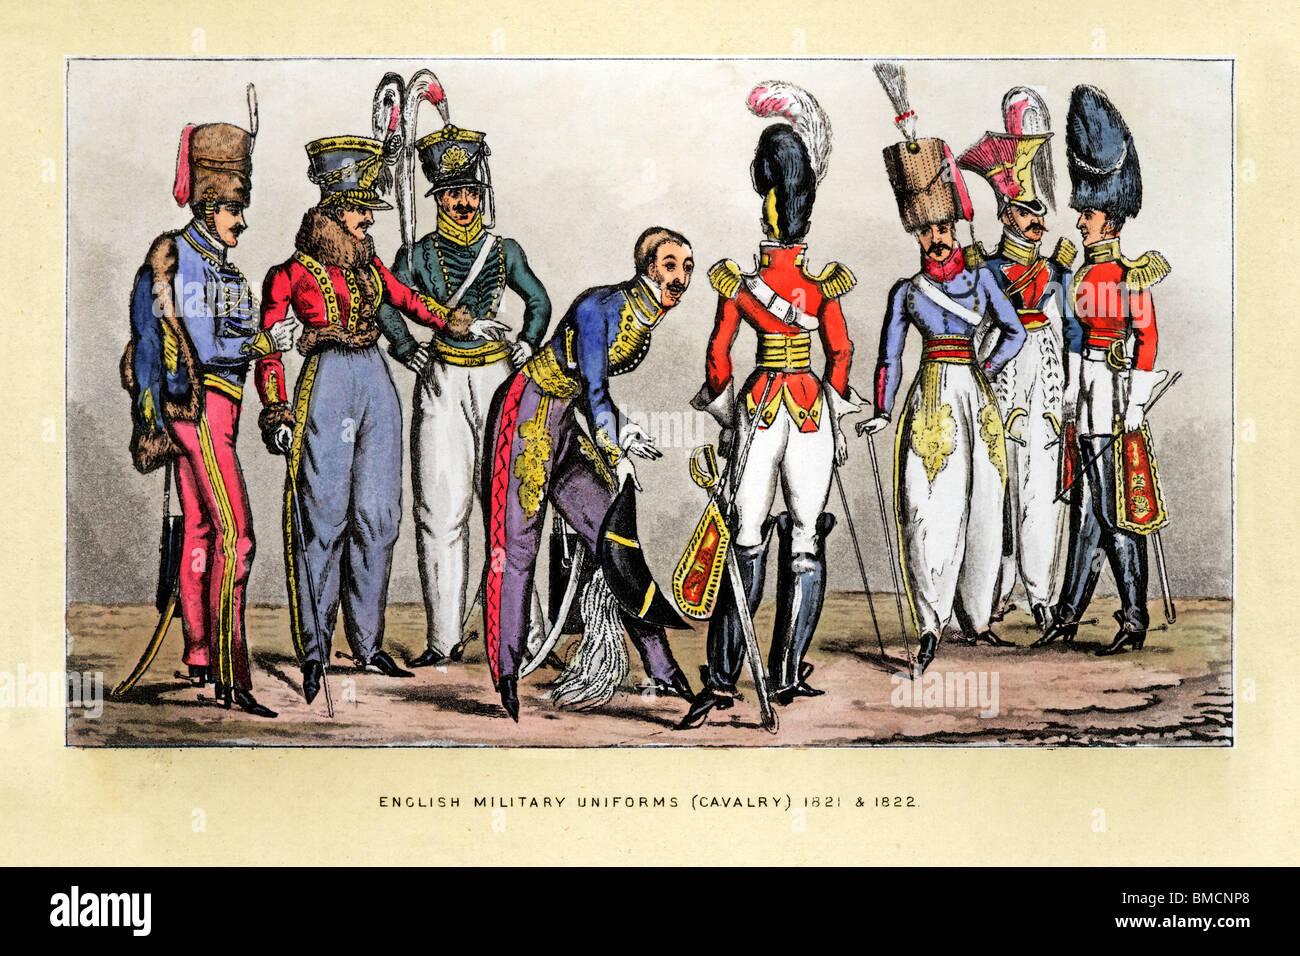 Uniformes de la Caballería inglesa, 1822 imprimir de los elegantes uniformes de oficiales de desfilar sus atavíos Imagen De Stock